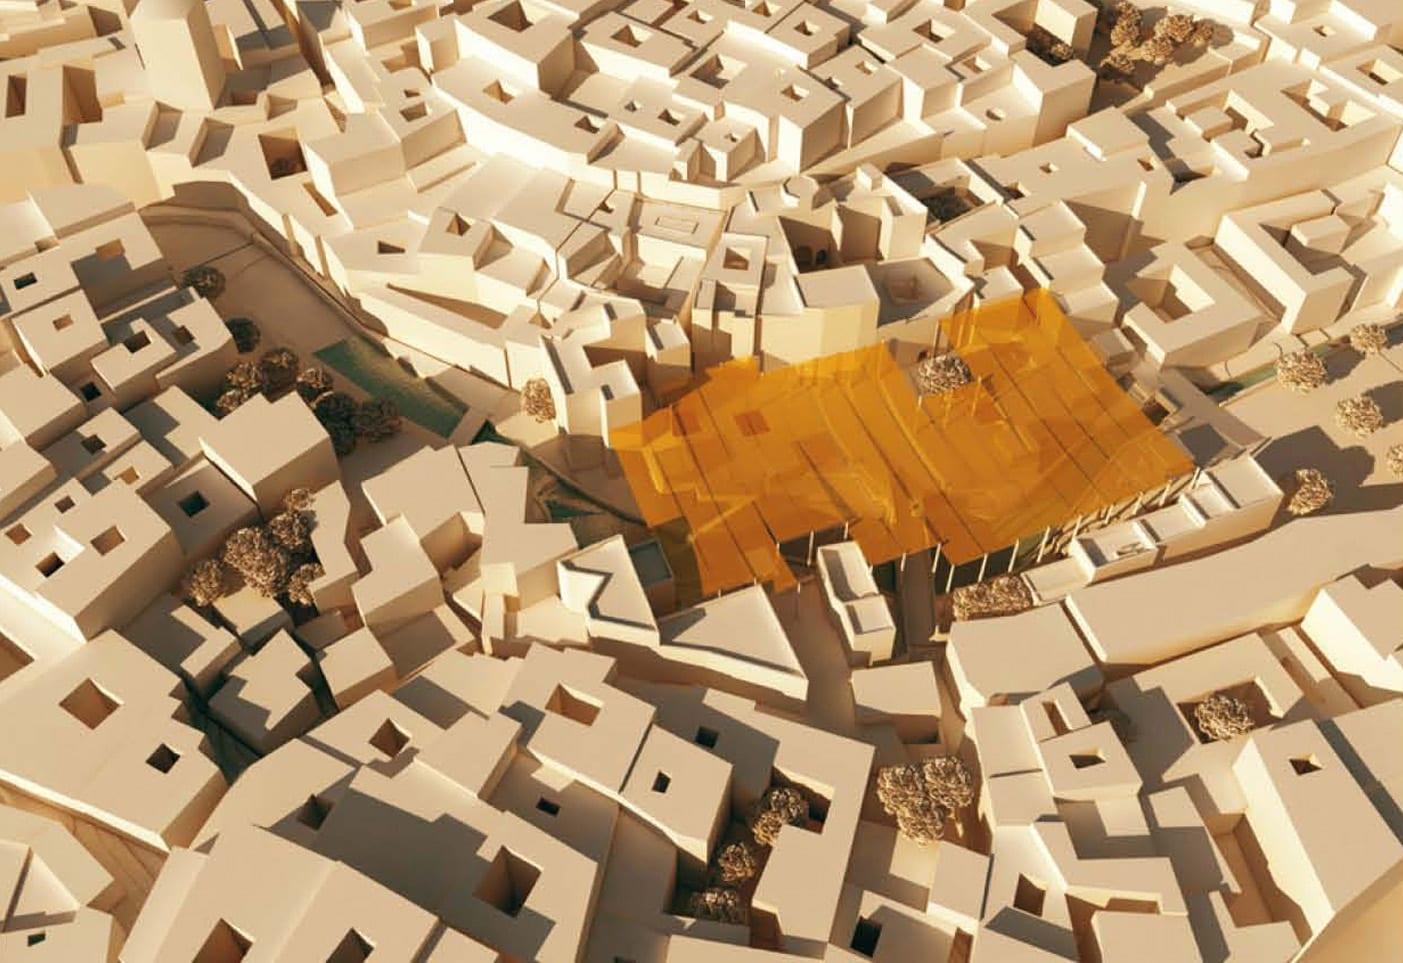 fes_3d_representation_5002_arquivio_arquitectura_taoufik_el_oufir_architectes